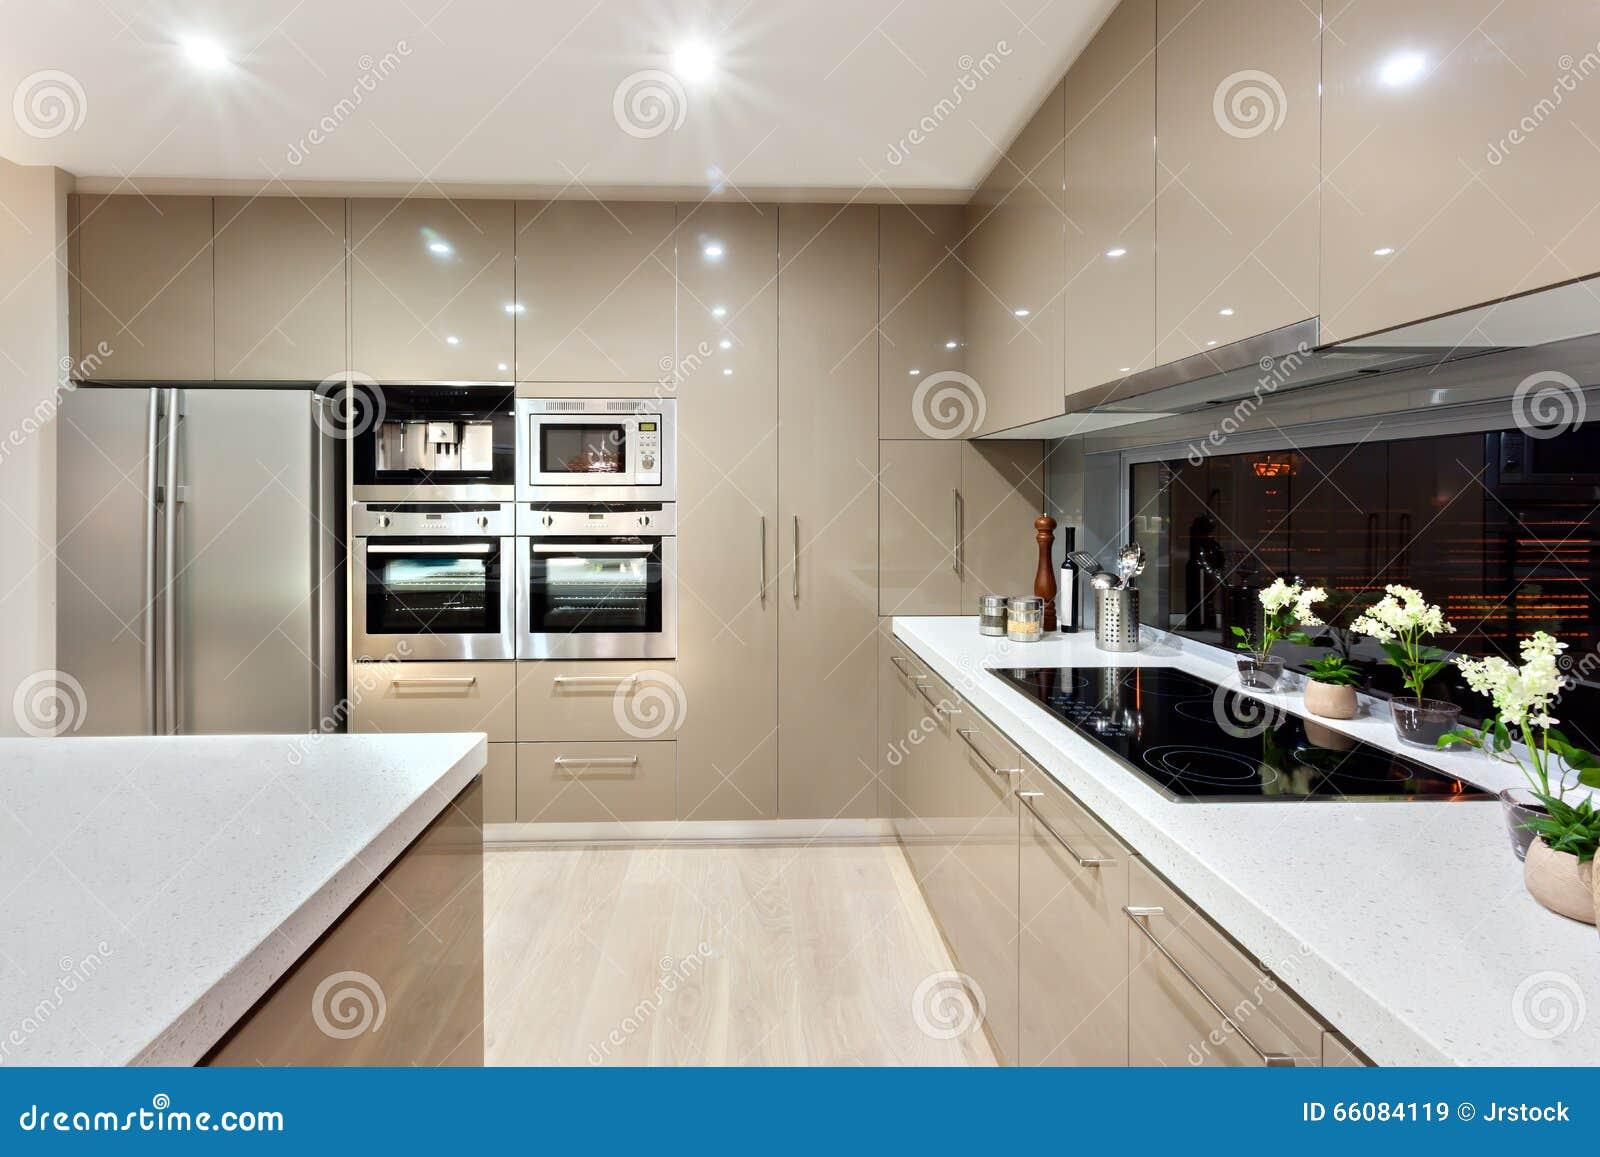 Interiores de casas de lujo modernas - La cocina en casa ...